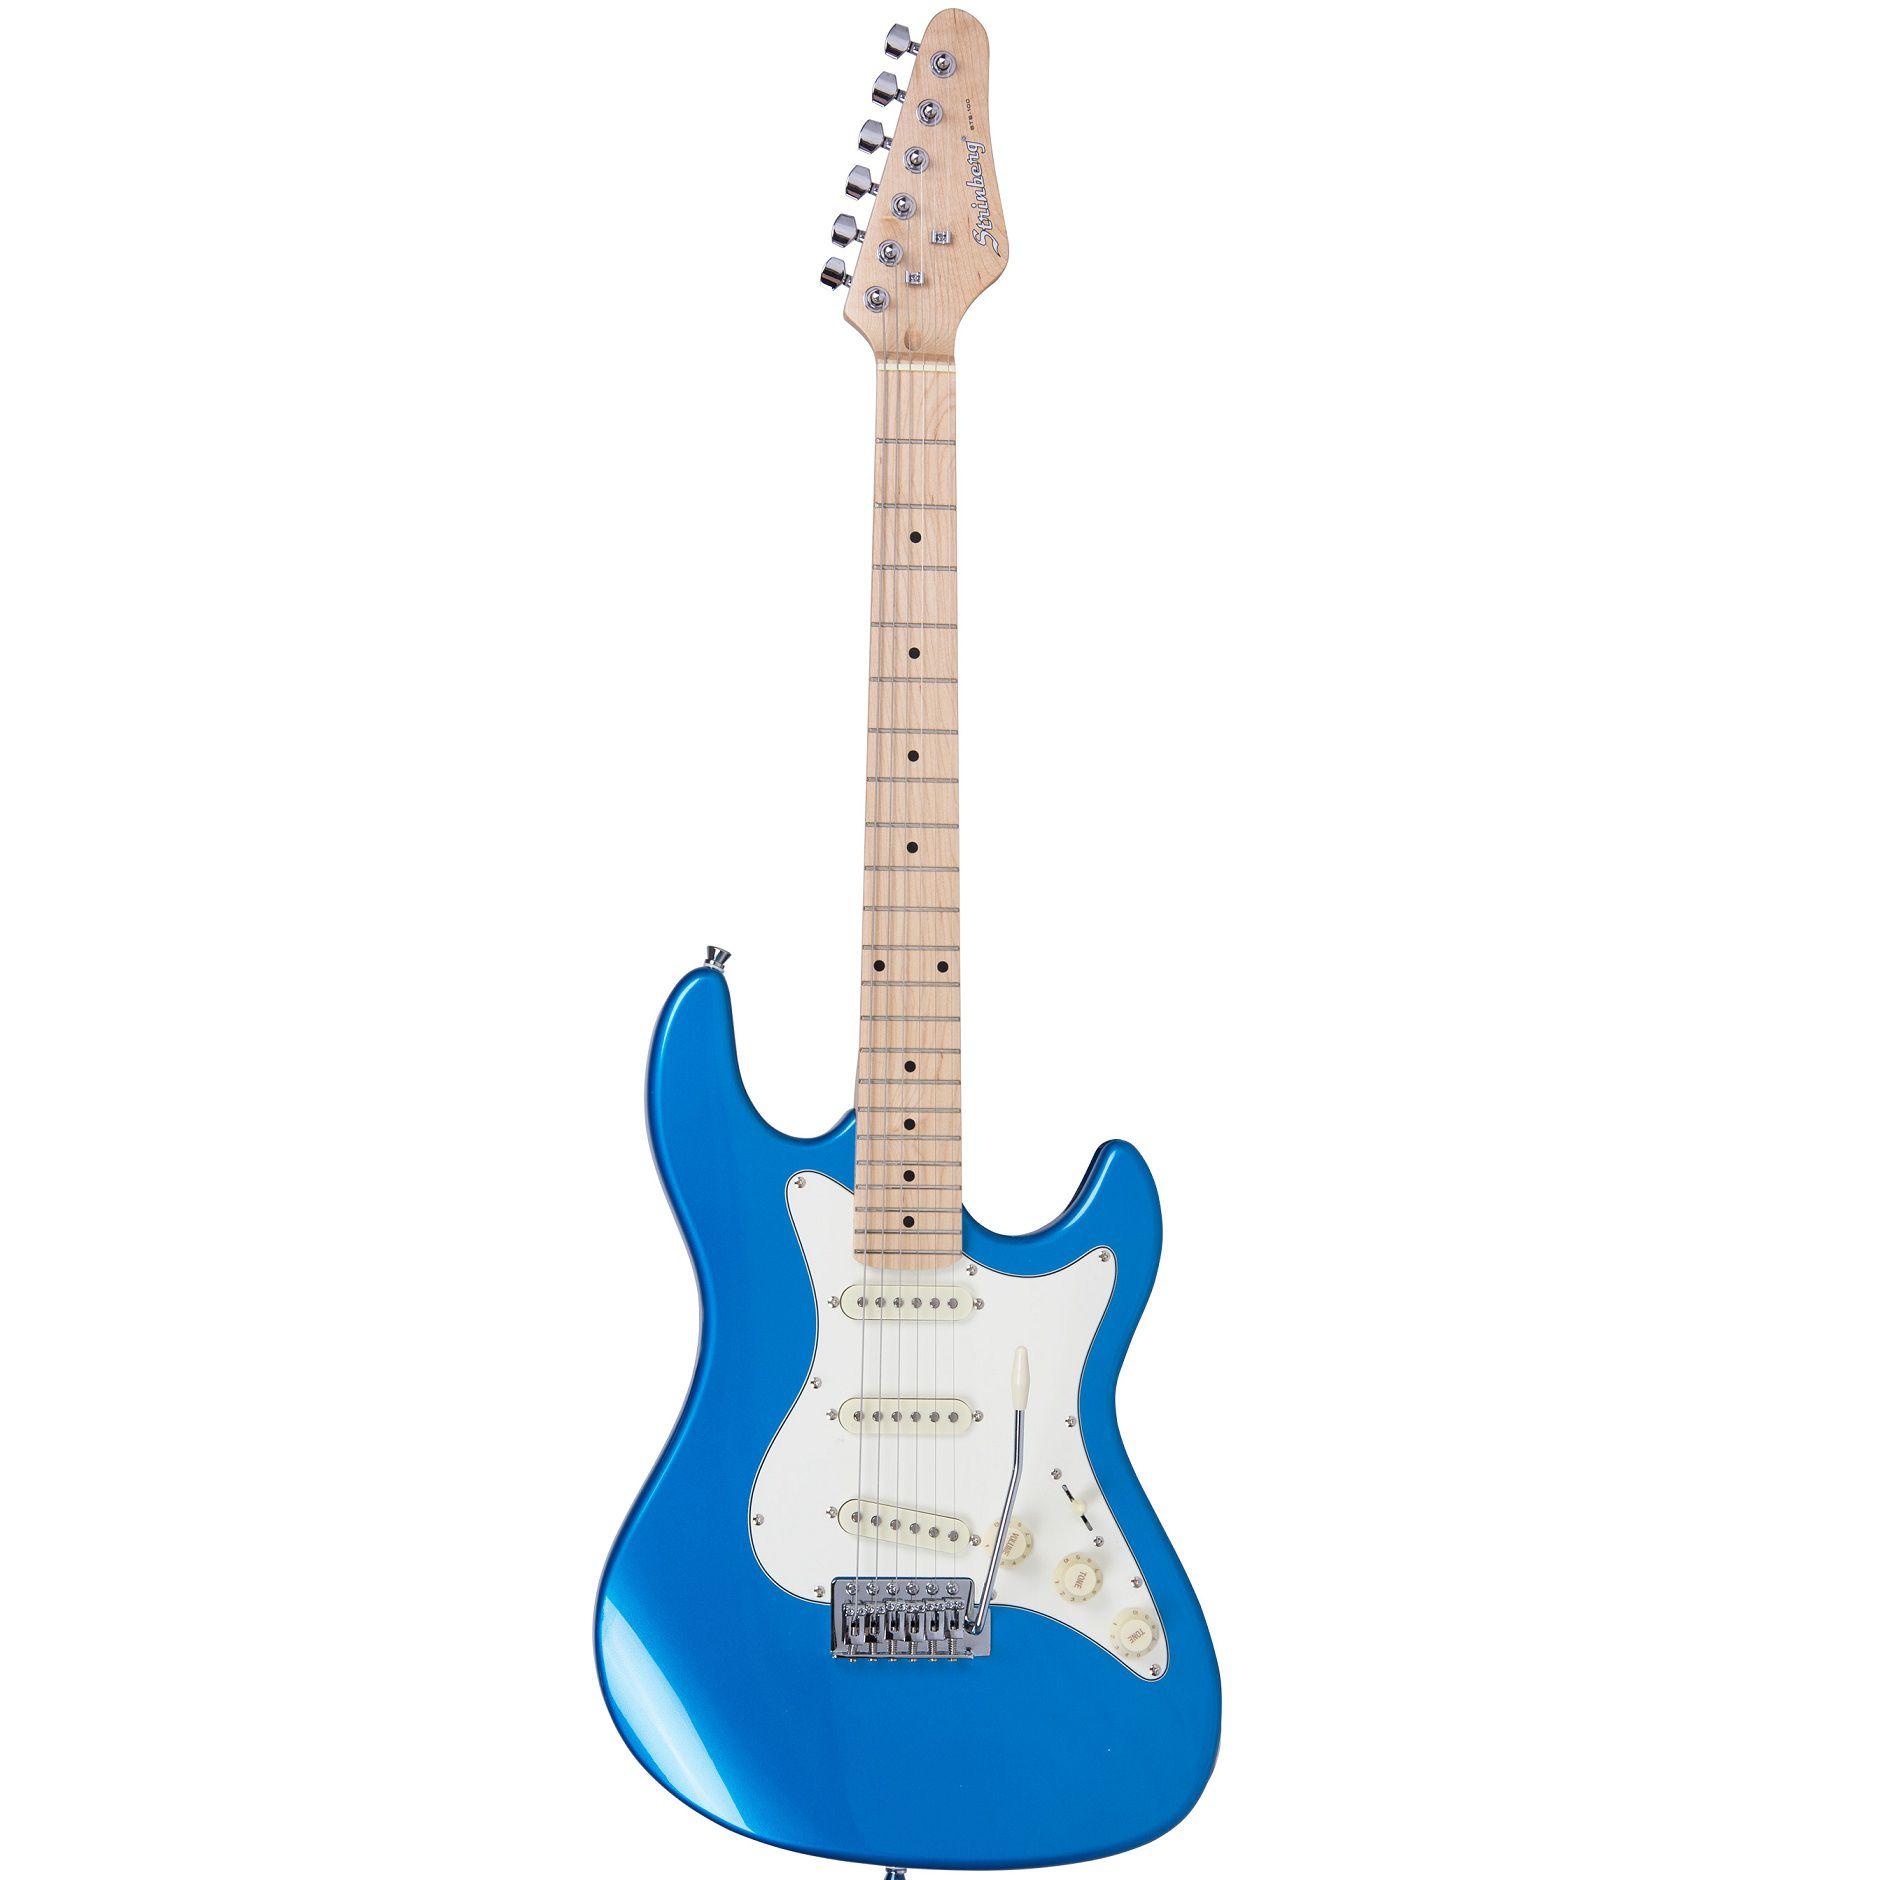 Guitarra Strinberg Stratocaster Sts100 Mbl